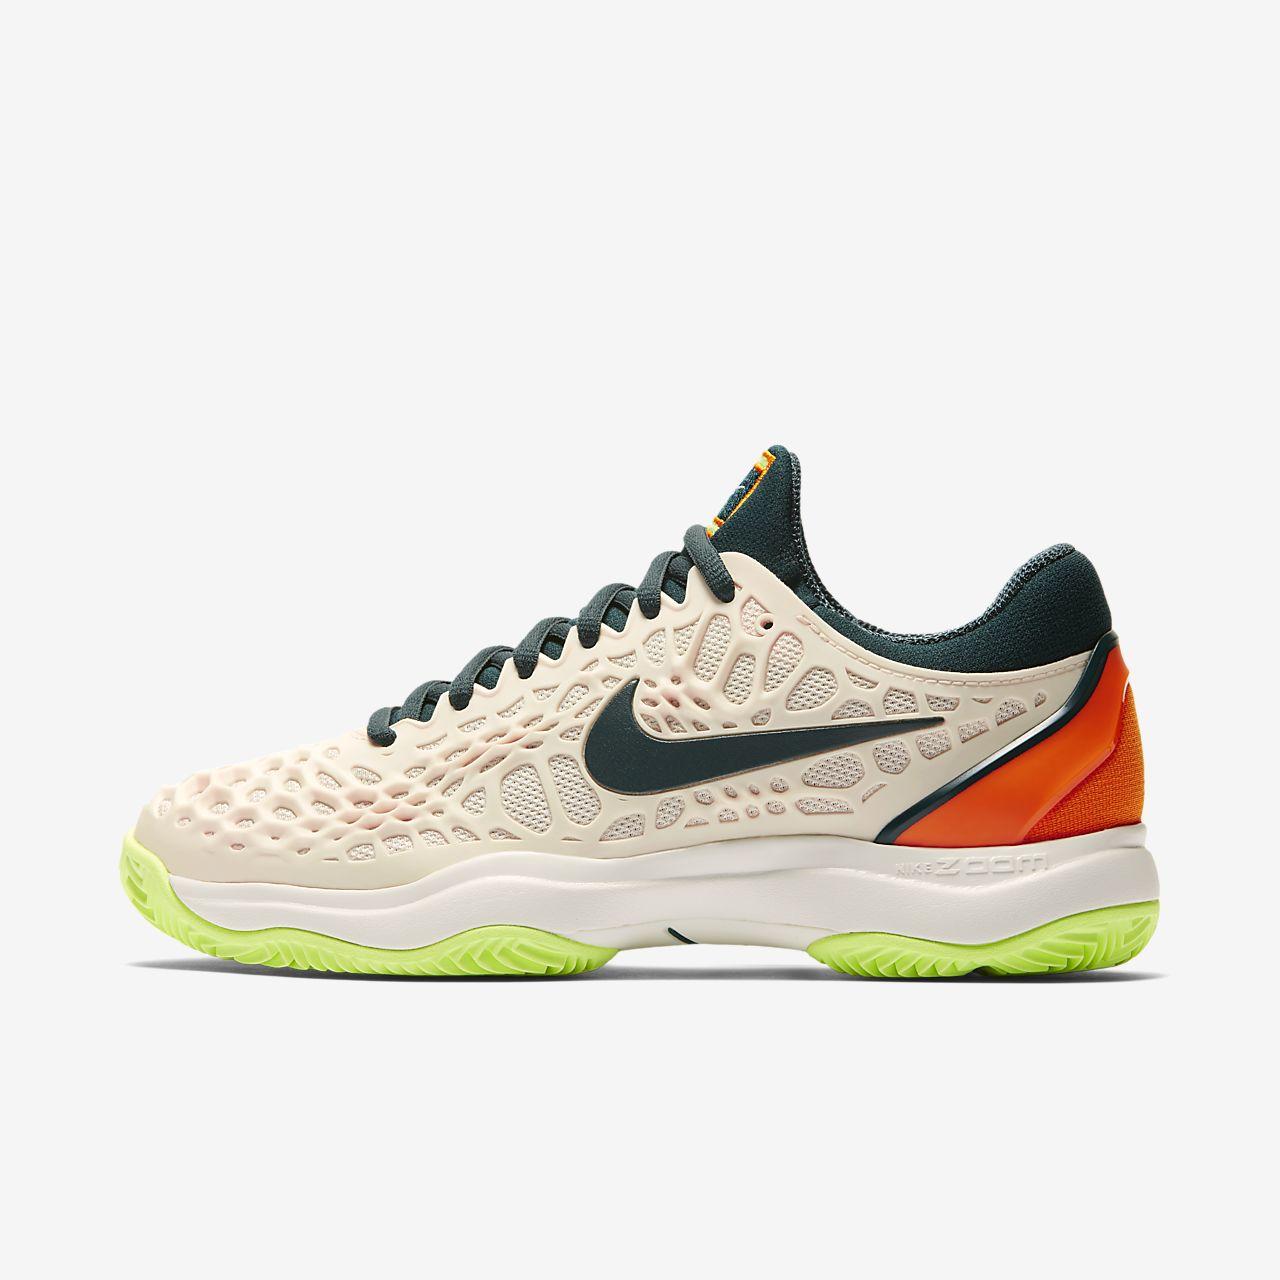 31b7544df21 Sapatilhas de ténis Nike Zoom Cage 3 para mulher. Nike.com PT